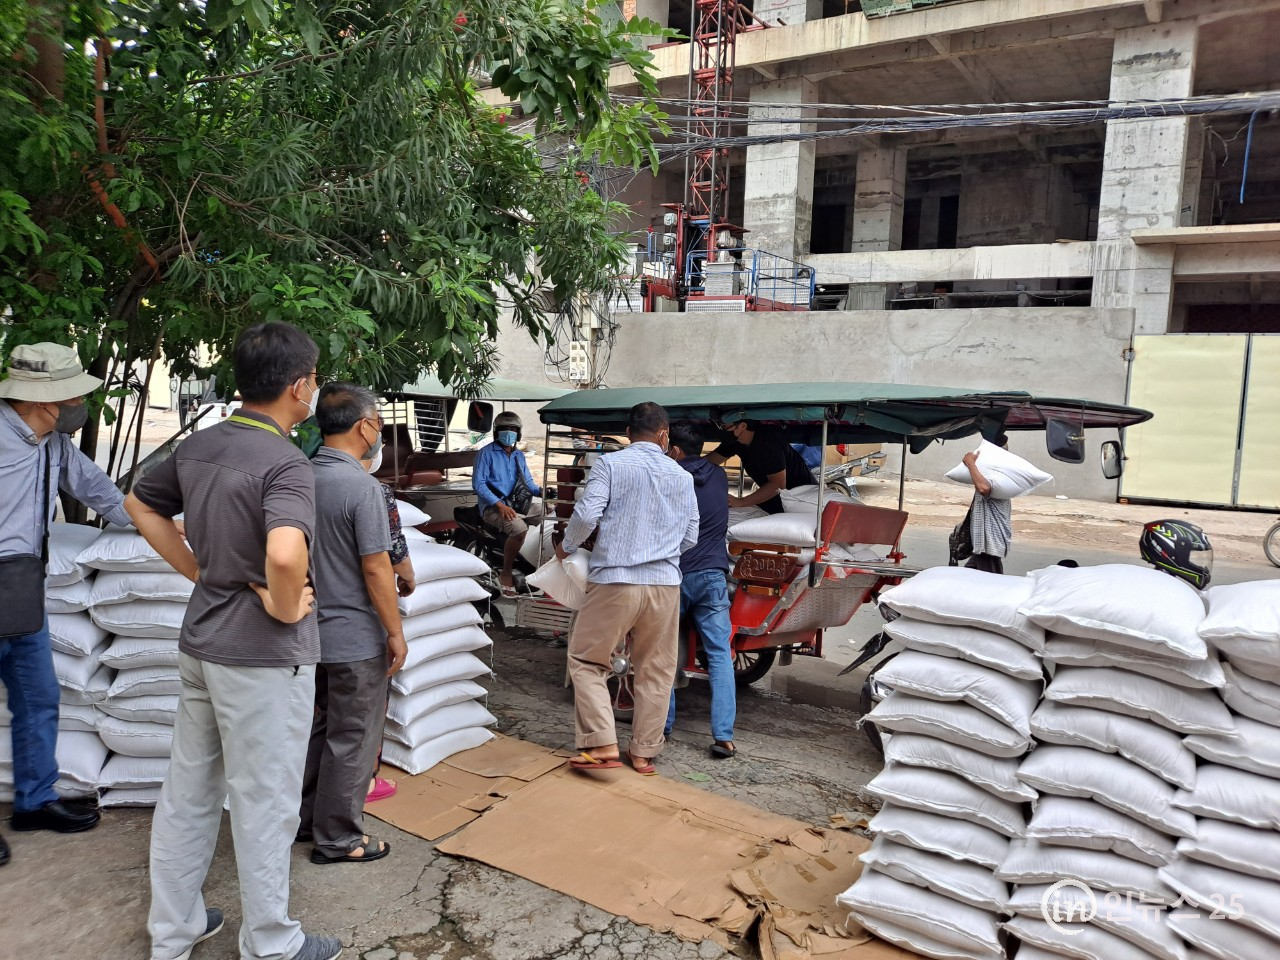 (사)한-말 경제문화교류협회, 캄보디아에서 사상최대의 쌀 나눔행사 개최